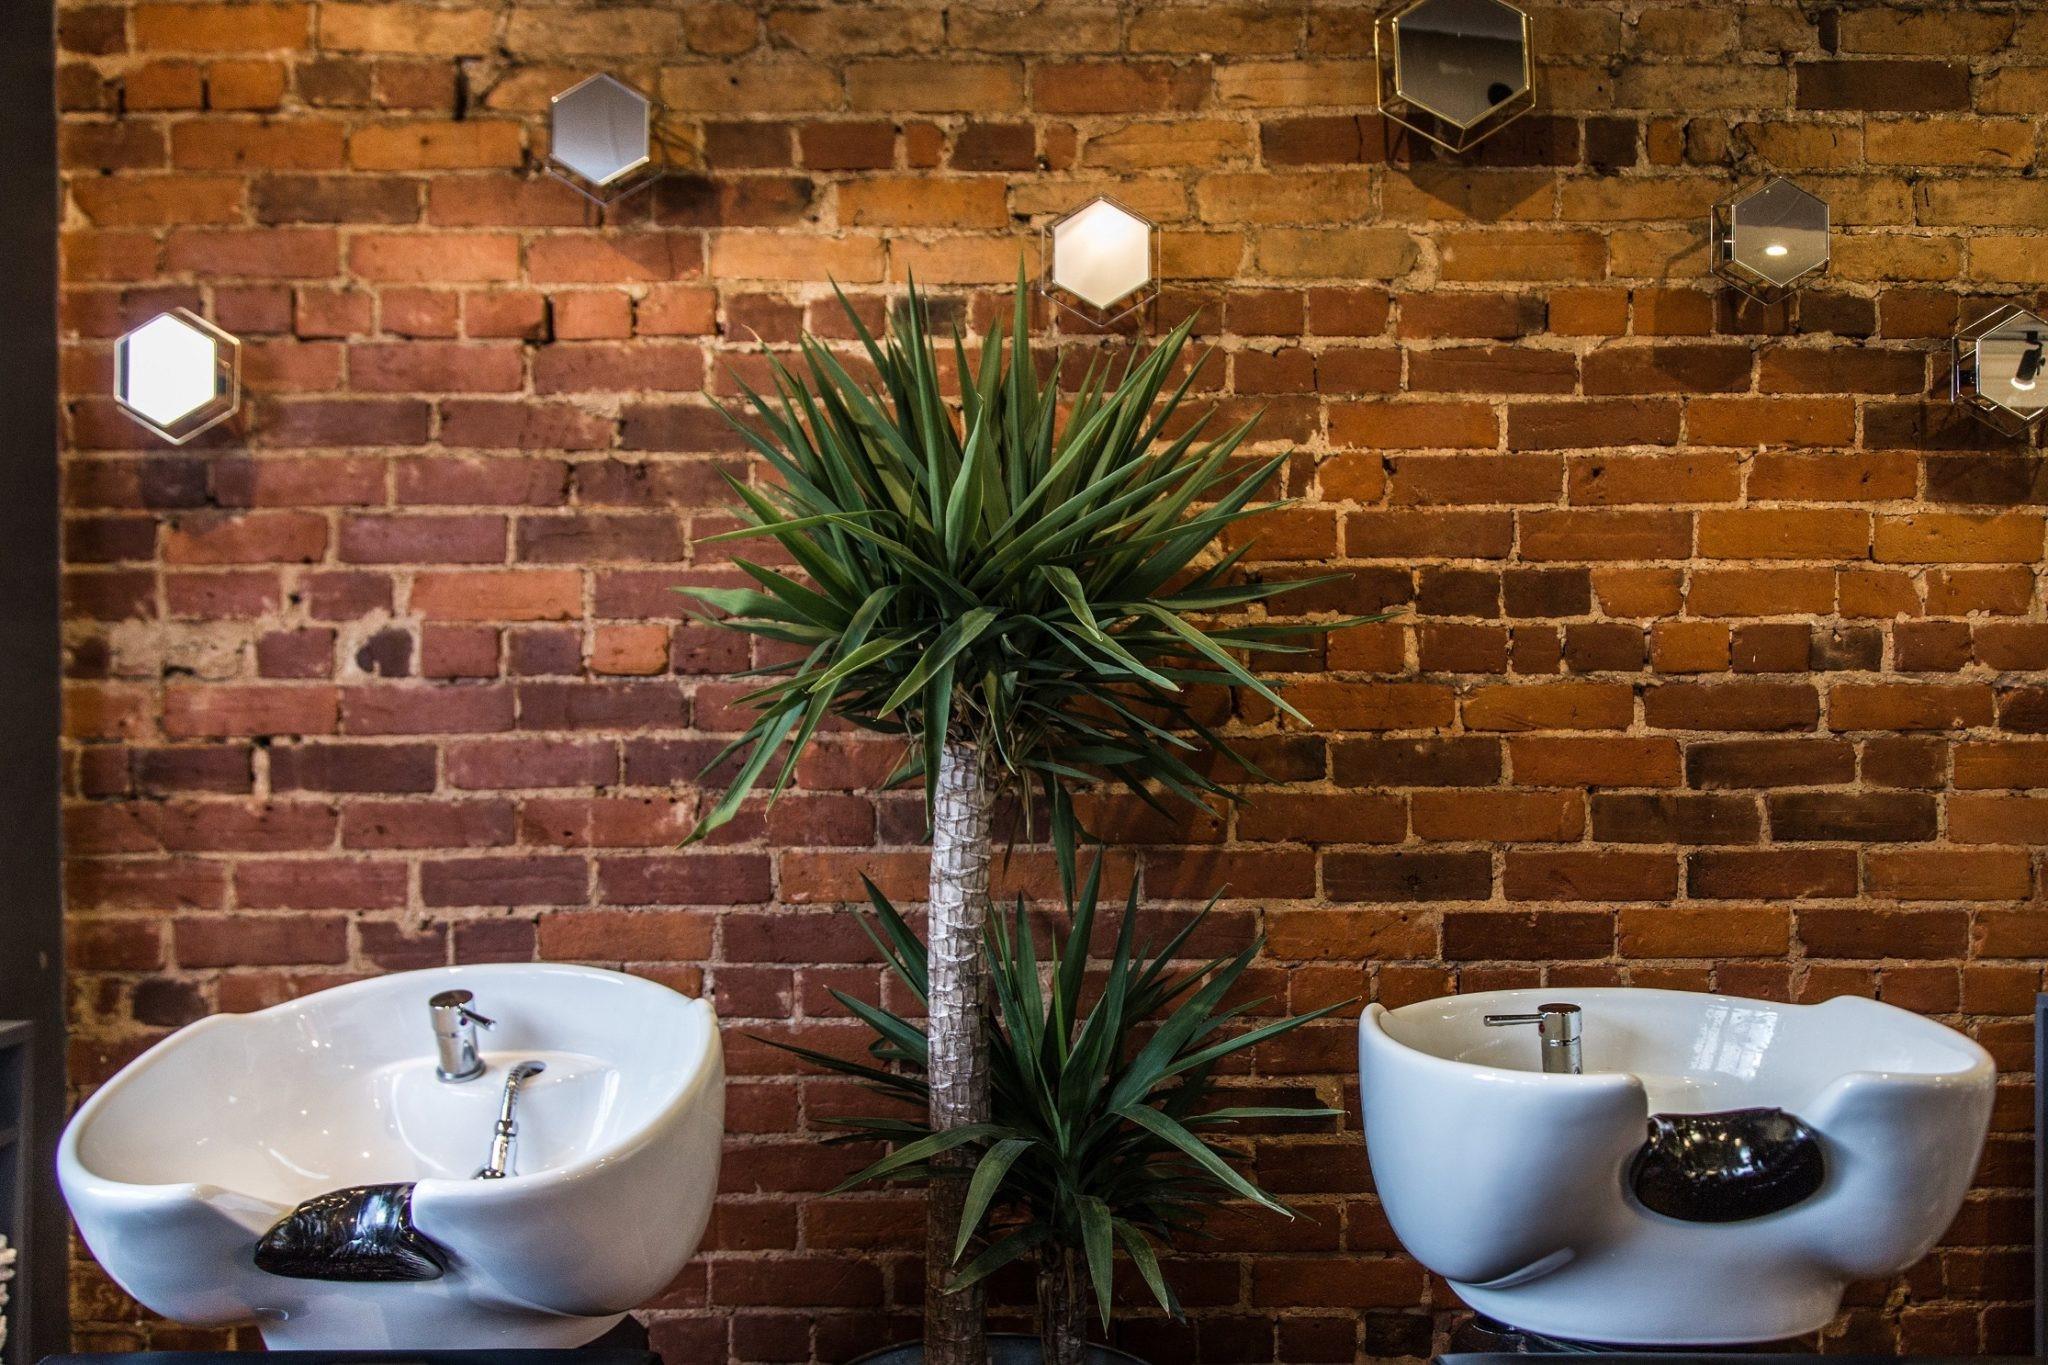 Une fois que vous avez choisi votre style, respectez-le - vous voulez que la conception de votre salon soit cohérente.